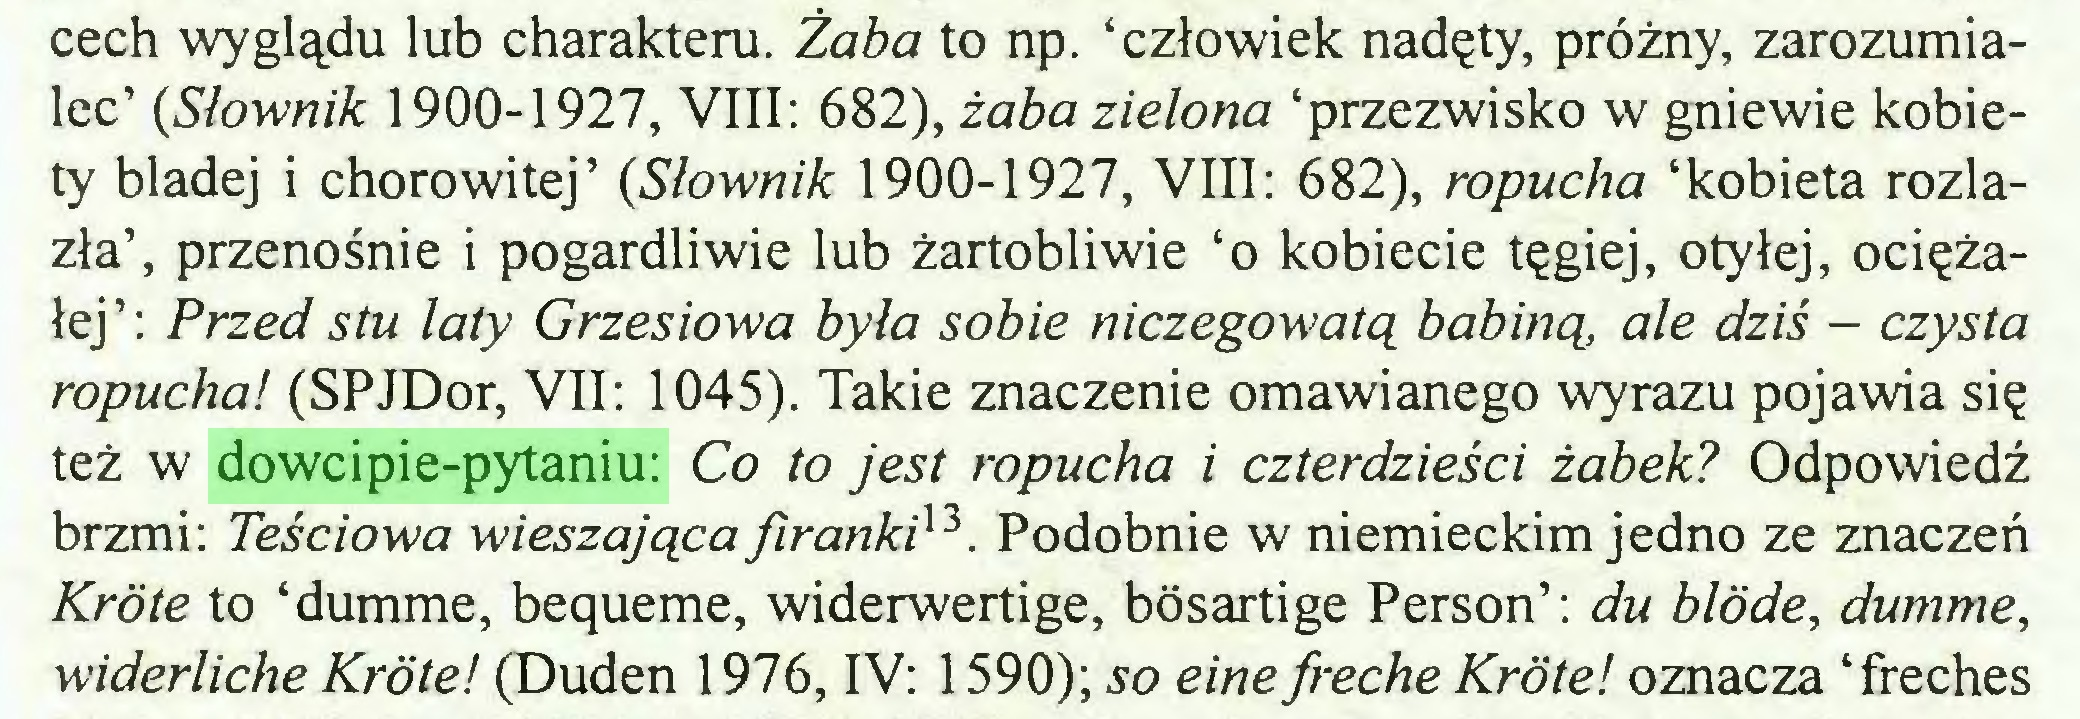 (...) cech wyglądu lub charakteru. Żaba to np. 'człowiek nadęty, próżny, zarozumialec' {Słownik 1900-1927, VIII: 682), żaba zielona 'przezwisko w gniewie kobiety bladej i chorowitej' {Słownik 1900-1927, VIII: 682), ropucha 'kobieta rozlazła', przenośnie i pogardliwie lub żartobliwie 'o kobiecie tęgiej, otyłej, ociężałej': Przed stu laty Grzesiowa była sobie niczegowatą babiną, ale dziś - czysta ropucha! (SPJDor, VII: 1045). Takie znaczenie omawianego wyrazu pojawia się też w dowcipie-pytaniu: Co to jest ropucha i czterdzieści żabek? Odpowiedź brzmi: Teściowa wieszająca firanki^. Podobnie w niemieckim jedno ze znaczeń Kröte to 'dumme, bequeme, widerwertige, bösartige Person': du blöde, dumme, widerliche Kröte! (Duden 1976, IV: 1590); so eine freche Kröte! oznacza 'freches...